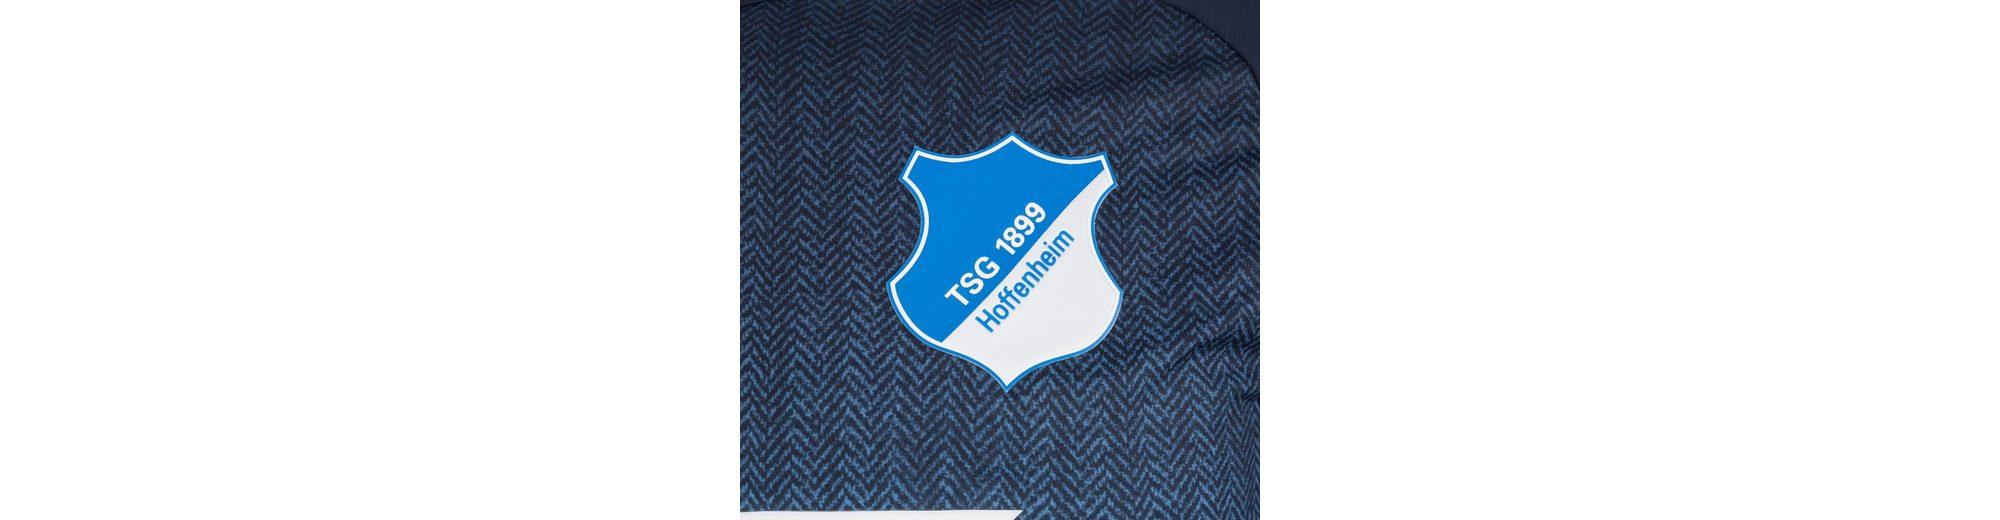 Bester Shop Zum Kauf Niedriger Versand Günstiger Preis Lotto Fußballtrikot 1899 Hoffenheim 17/18 Heim Billig Rabatt Verkauf lwuw90Q5pu